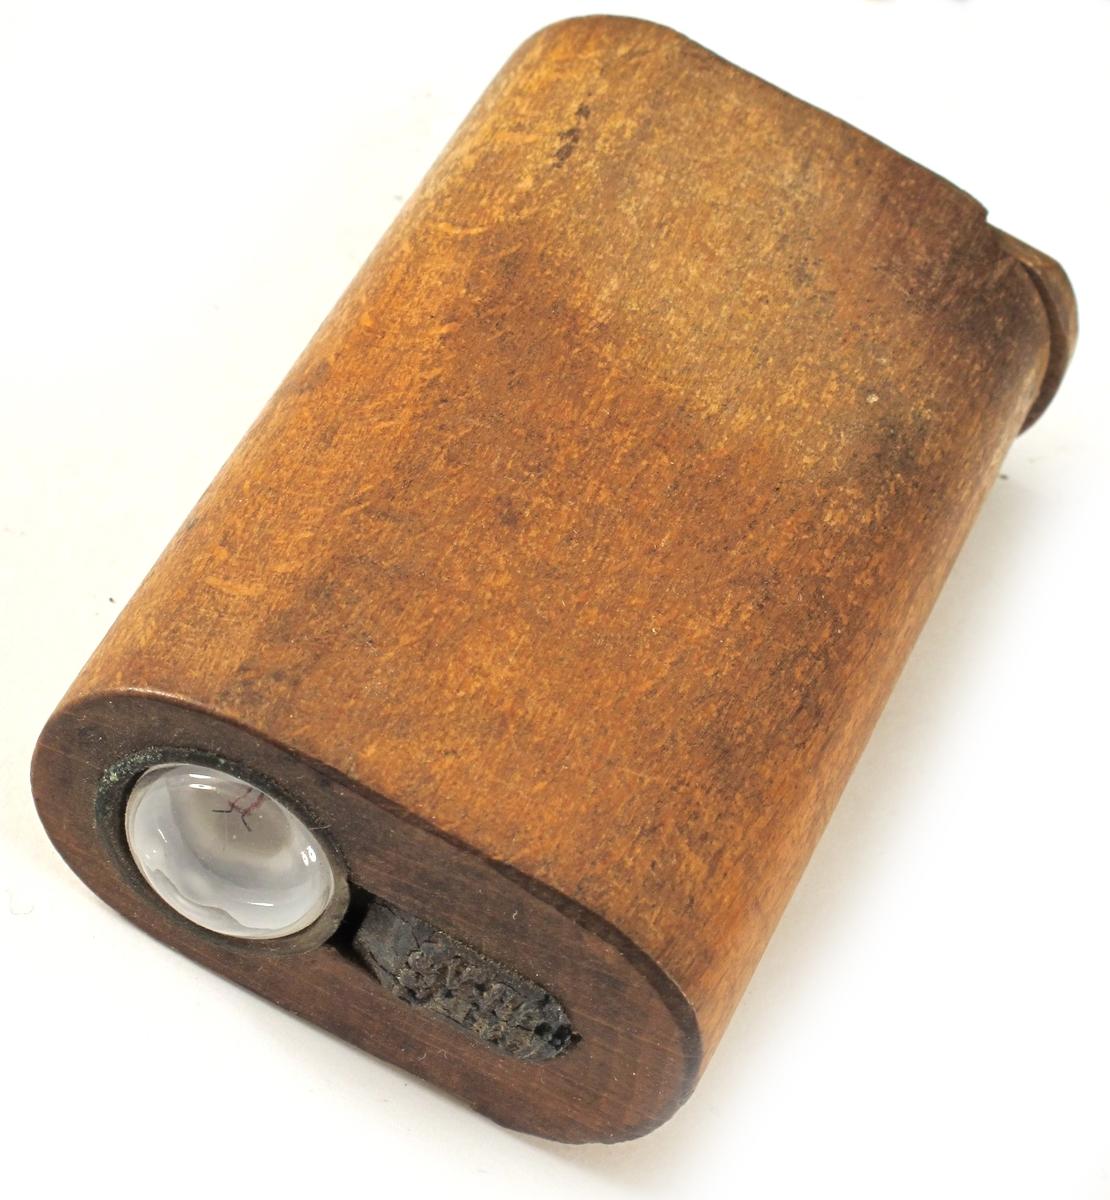 Lommelykt,   heimlaga.   Siste krig.    Bøk,   umalt.   Uthola sylinderforma ovalt stykke   med lyspære montert i ene enden. I   andre enden skyvbart lokk for innsetting av batteri.  Tilstand april 1982: Bra. Batteri mangler.